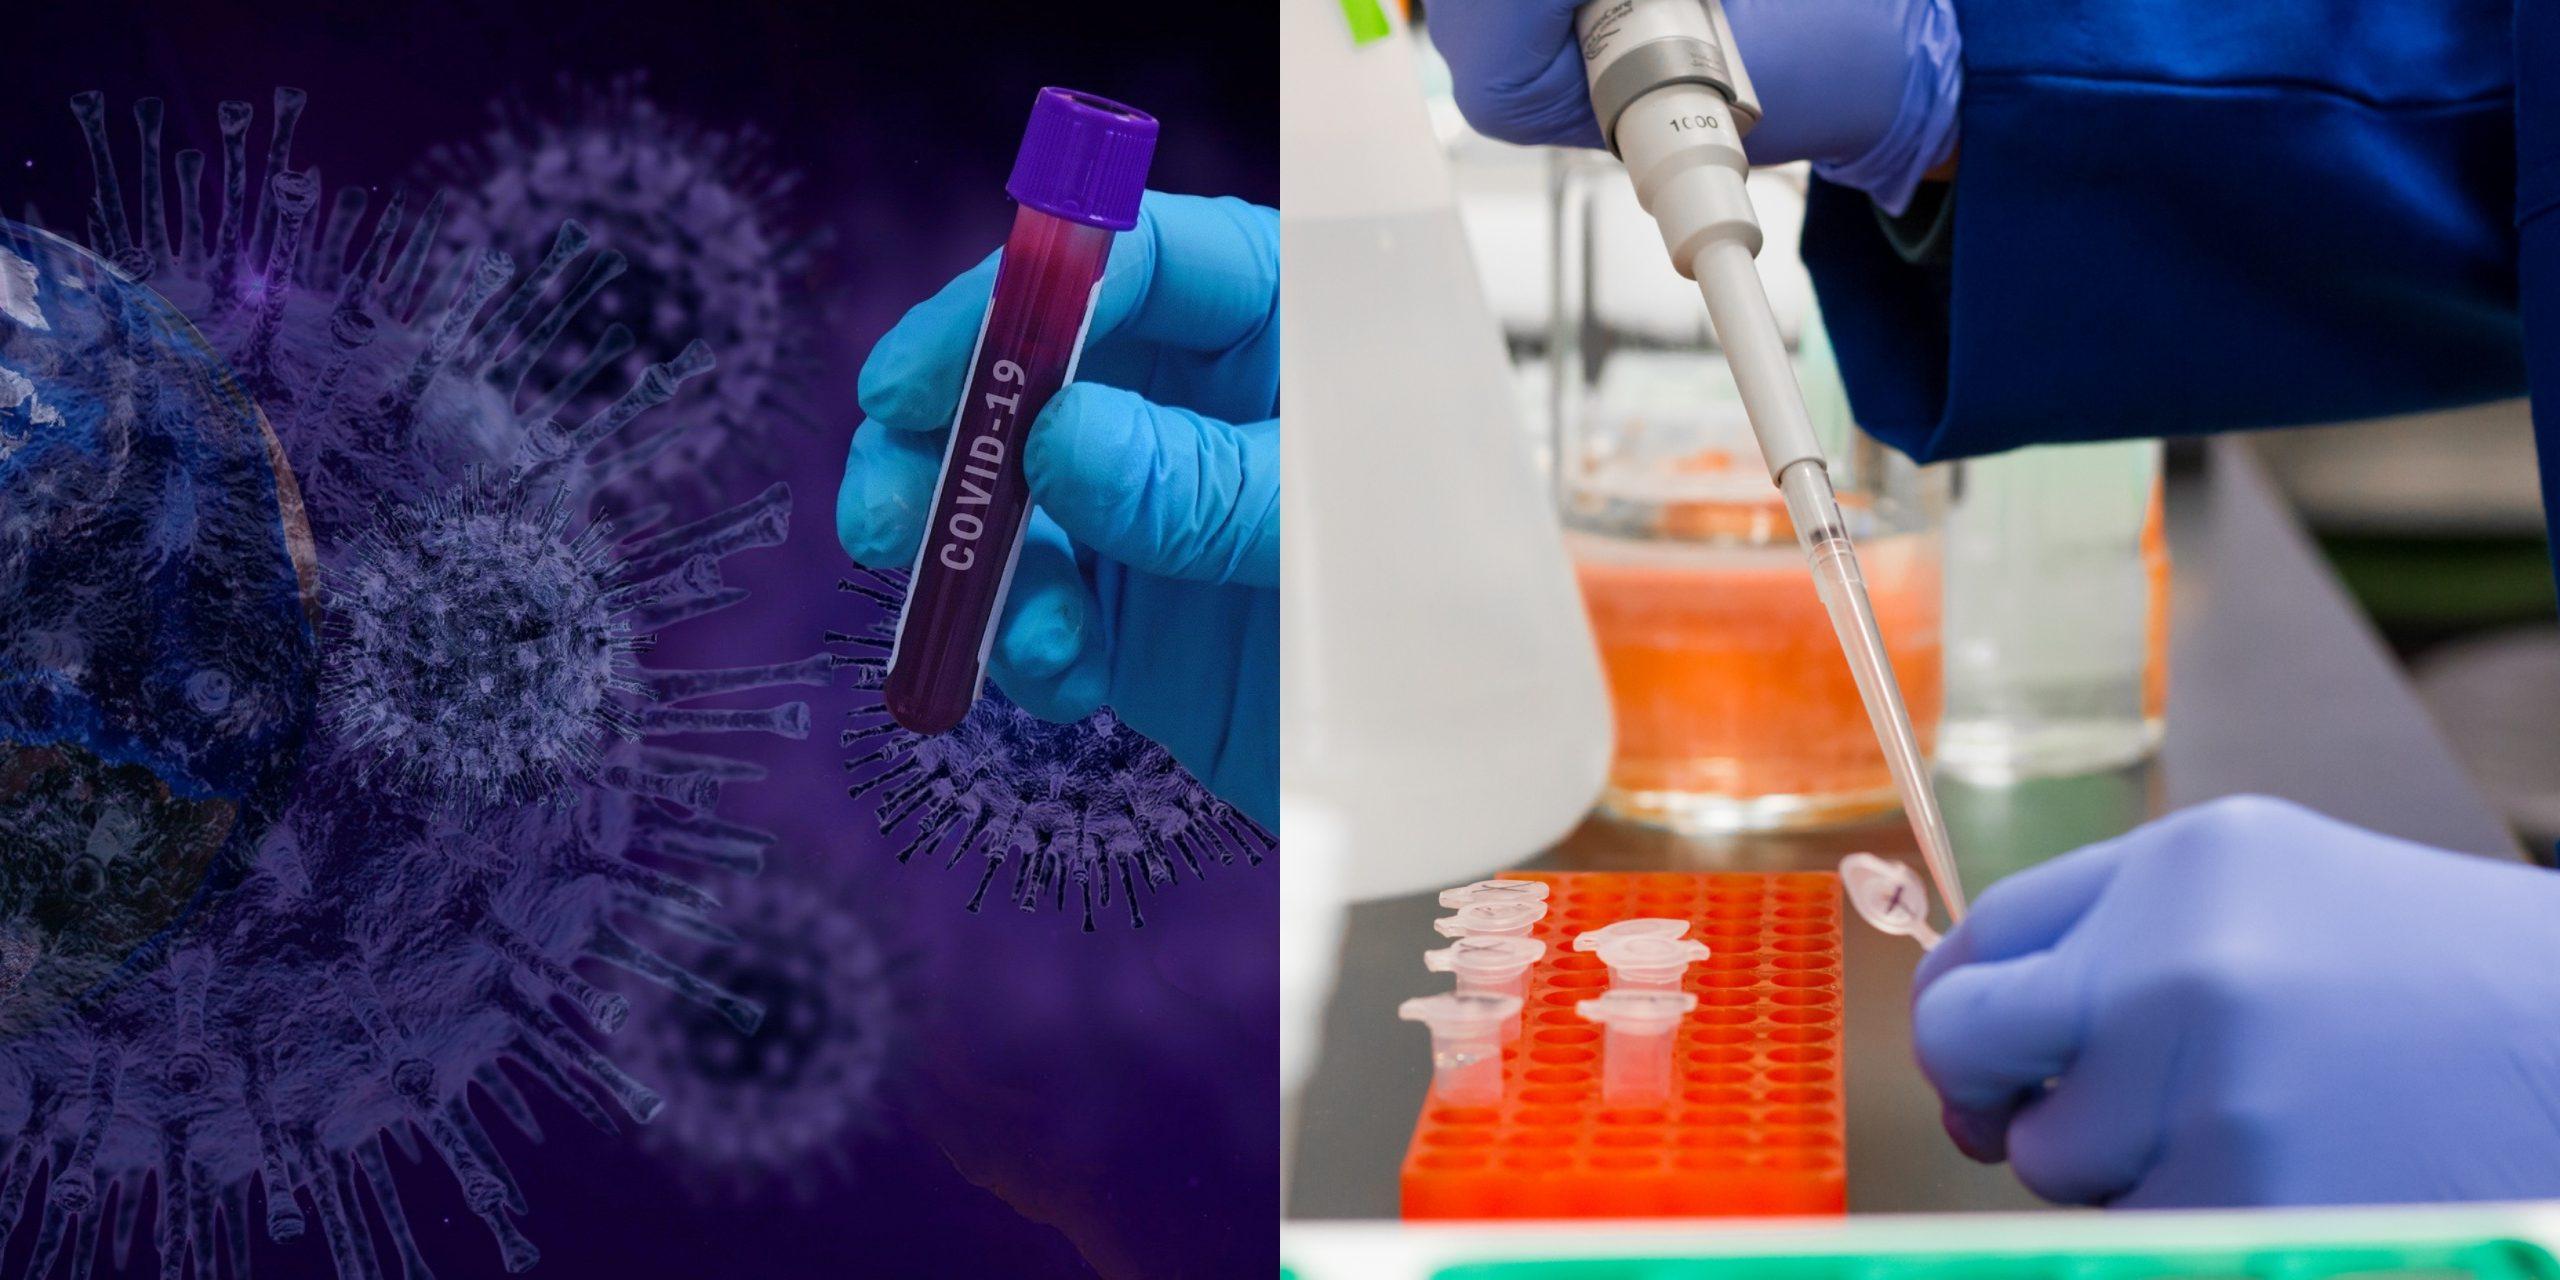 Koronavirüs Aşısı insan denemeleri aşamasına geldi